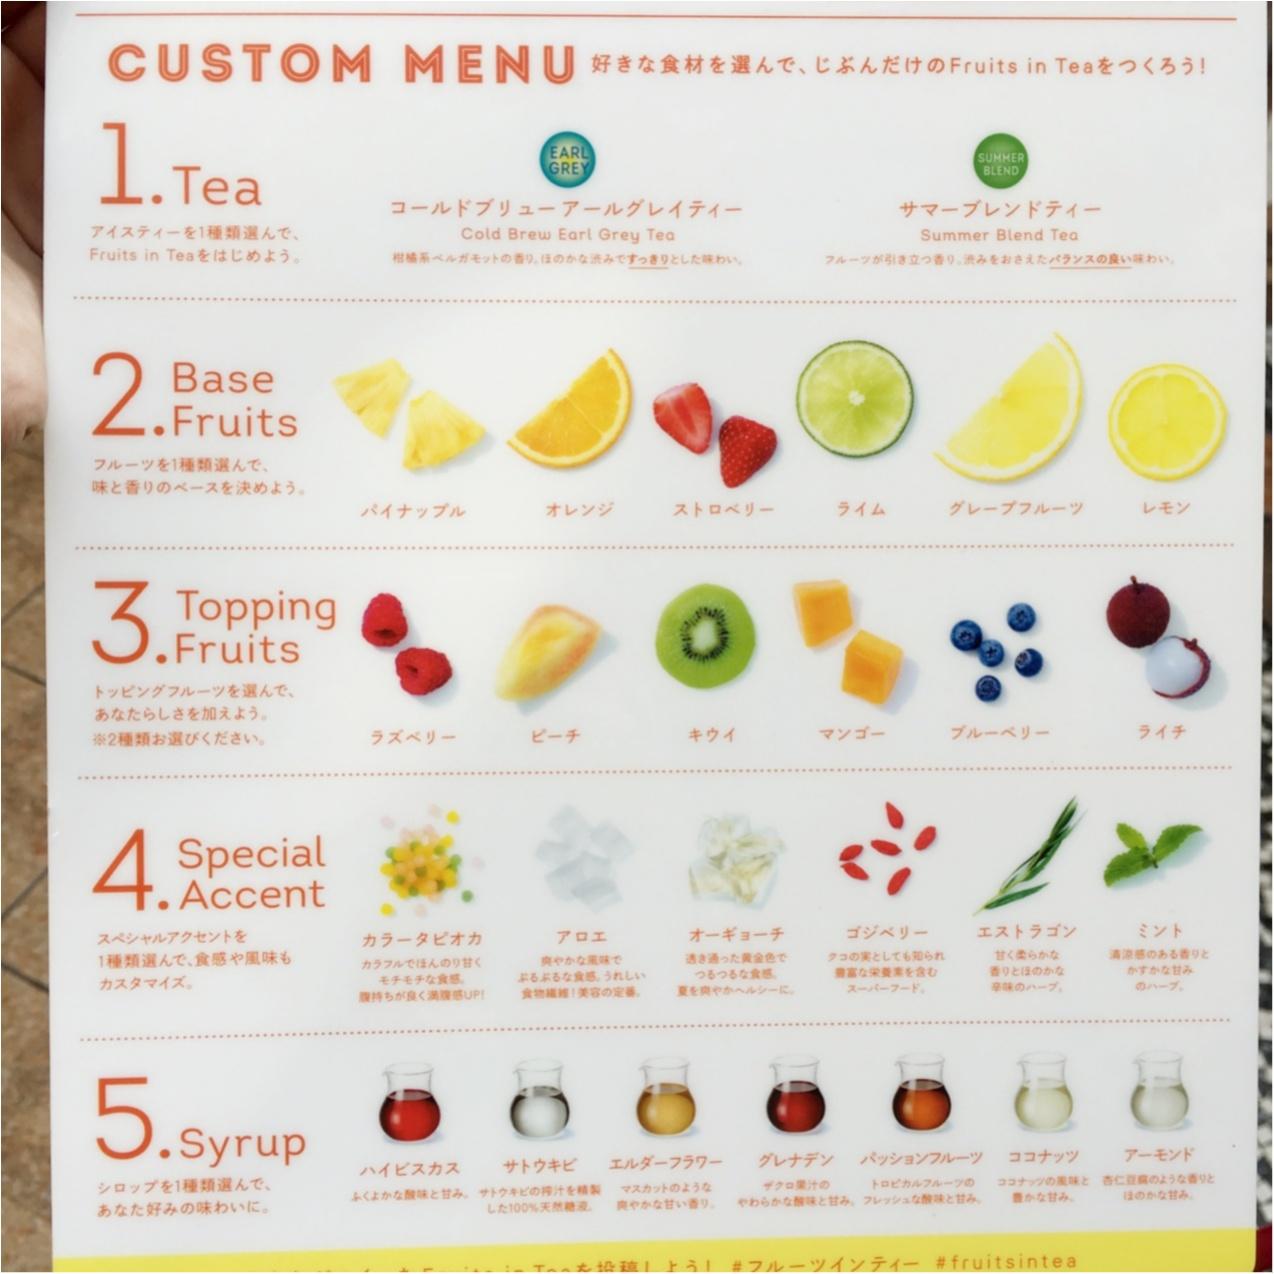 【期間限定】行かなくっちゃ♡オリジナルのフルーツティーが作れる♪《 リプトン 》が新しいアイスティーの専門店をオープン♡ ♡_3